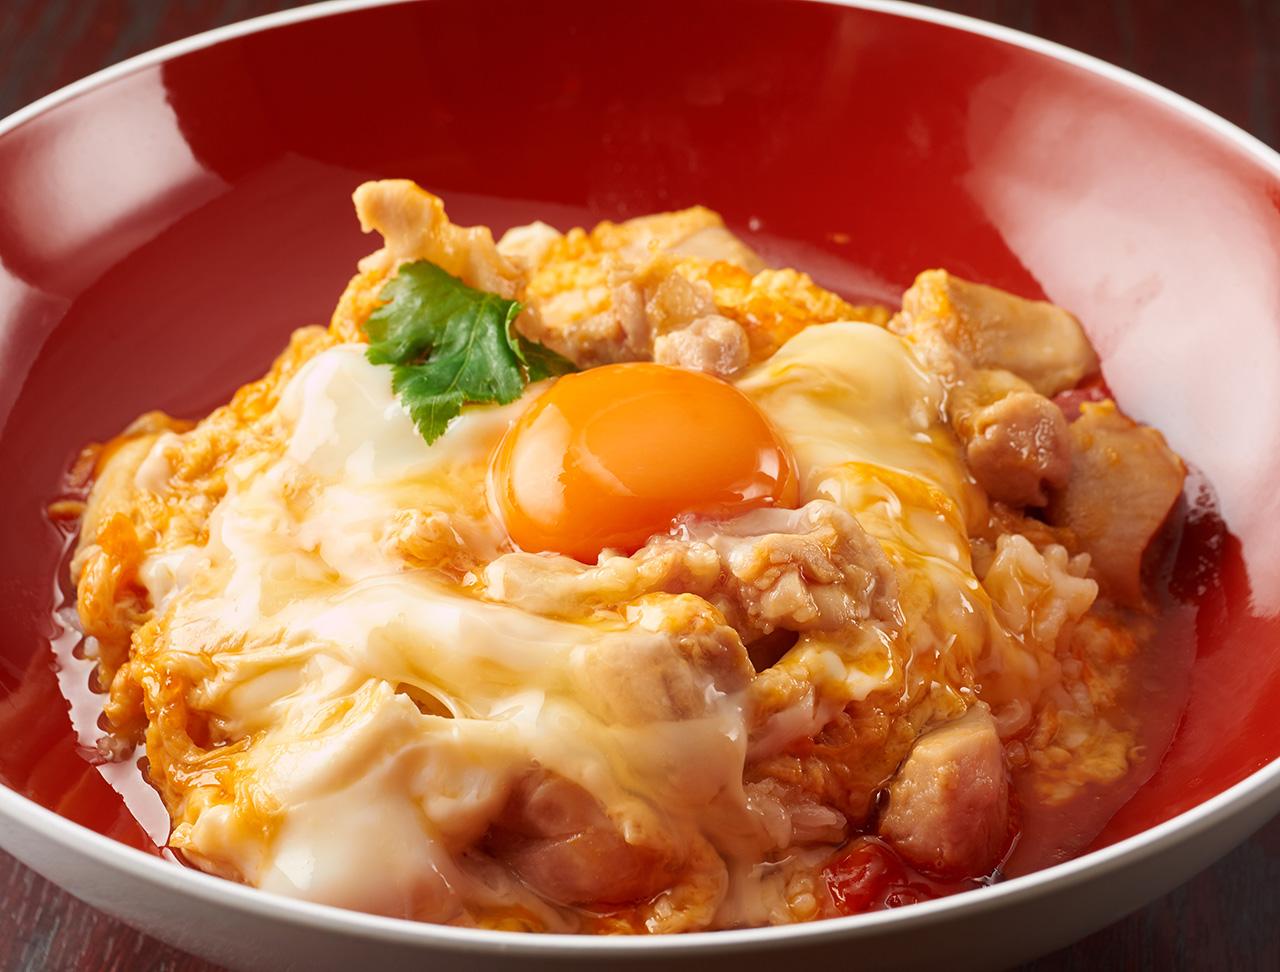 滋賀県産近江黒鶏親子丼